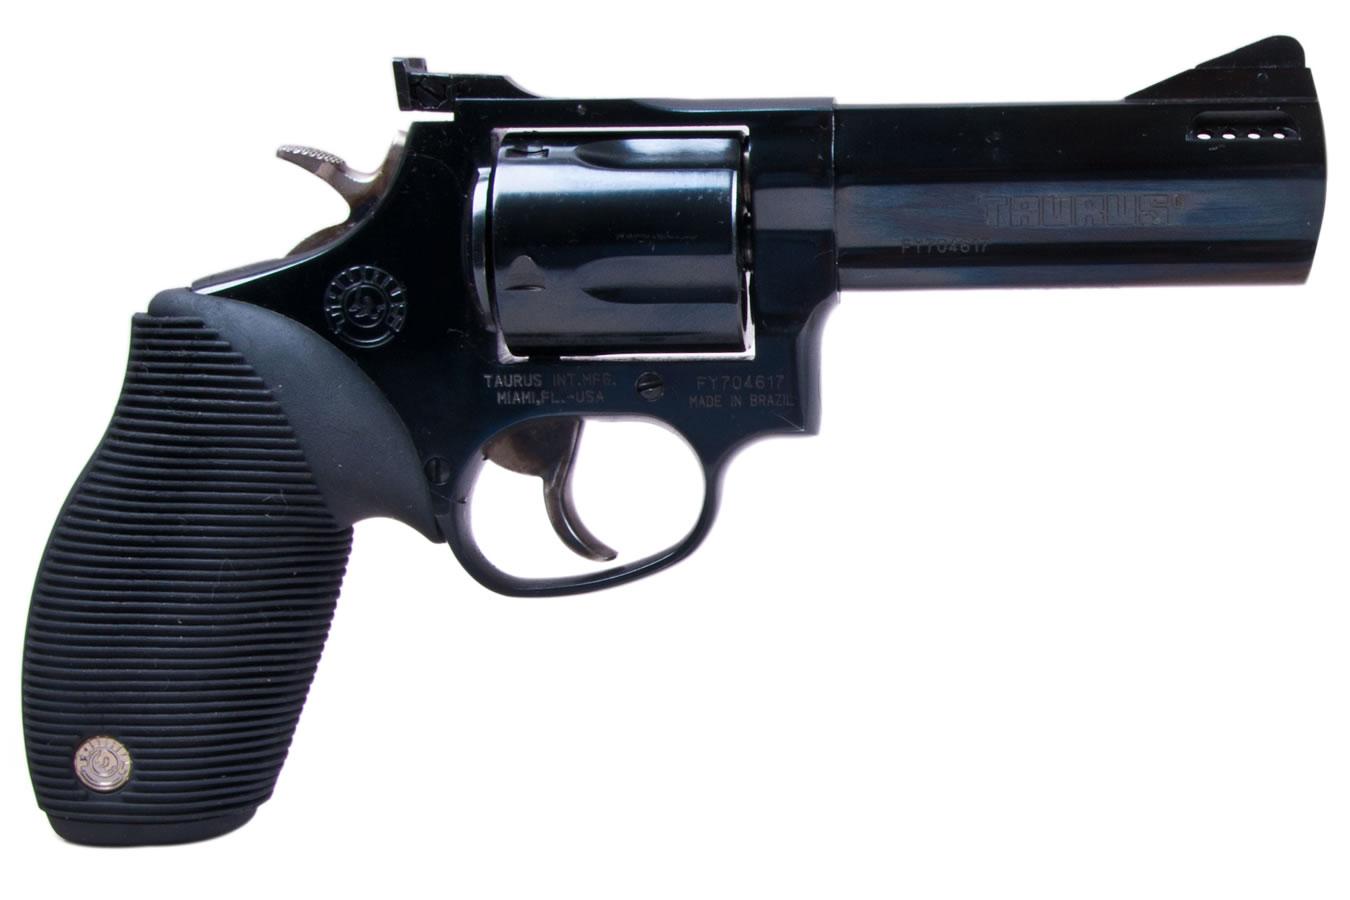 Taurus Tracker .44 Magnum Black Revolver (4-inch Barrel) | Sportsman's Outdoor Superstore